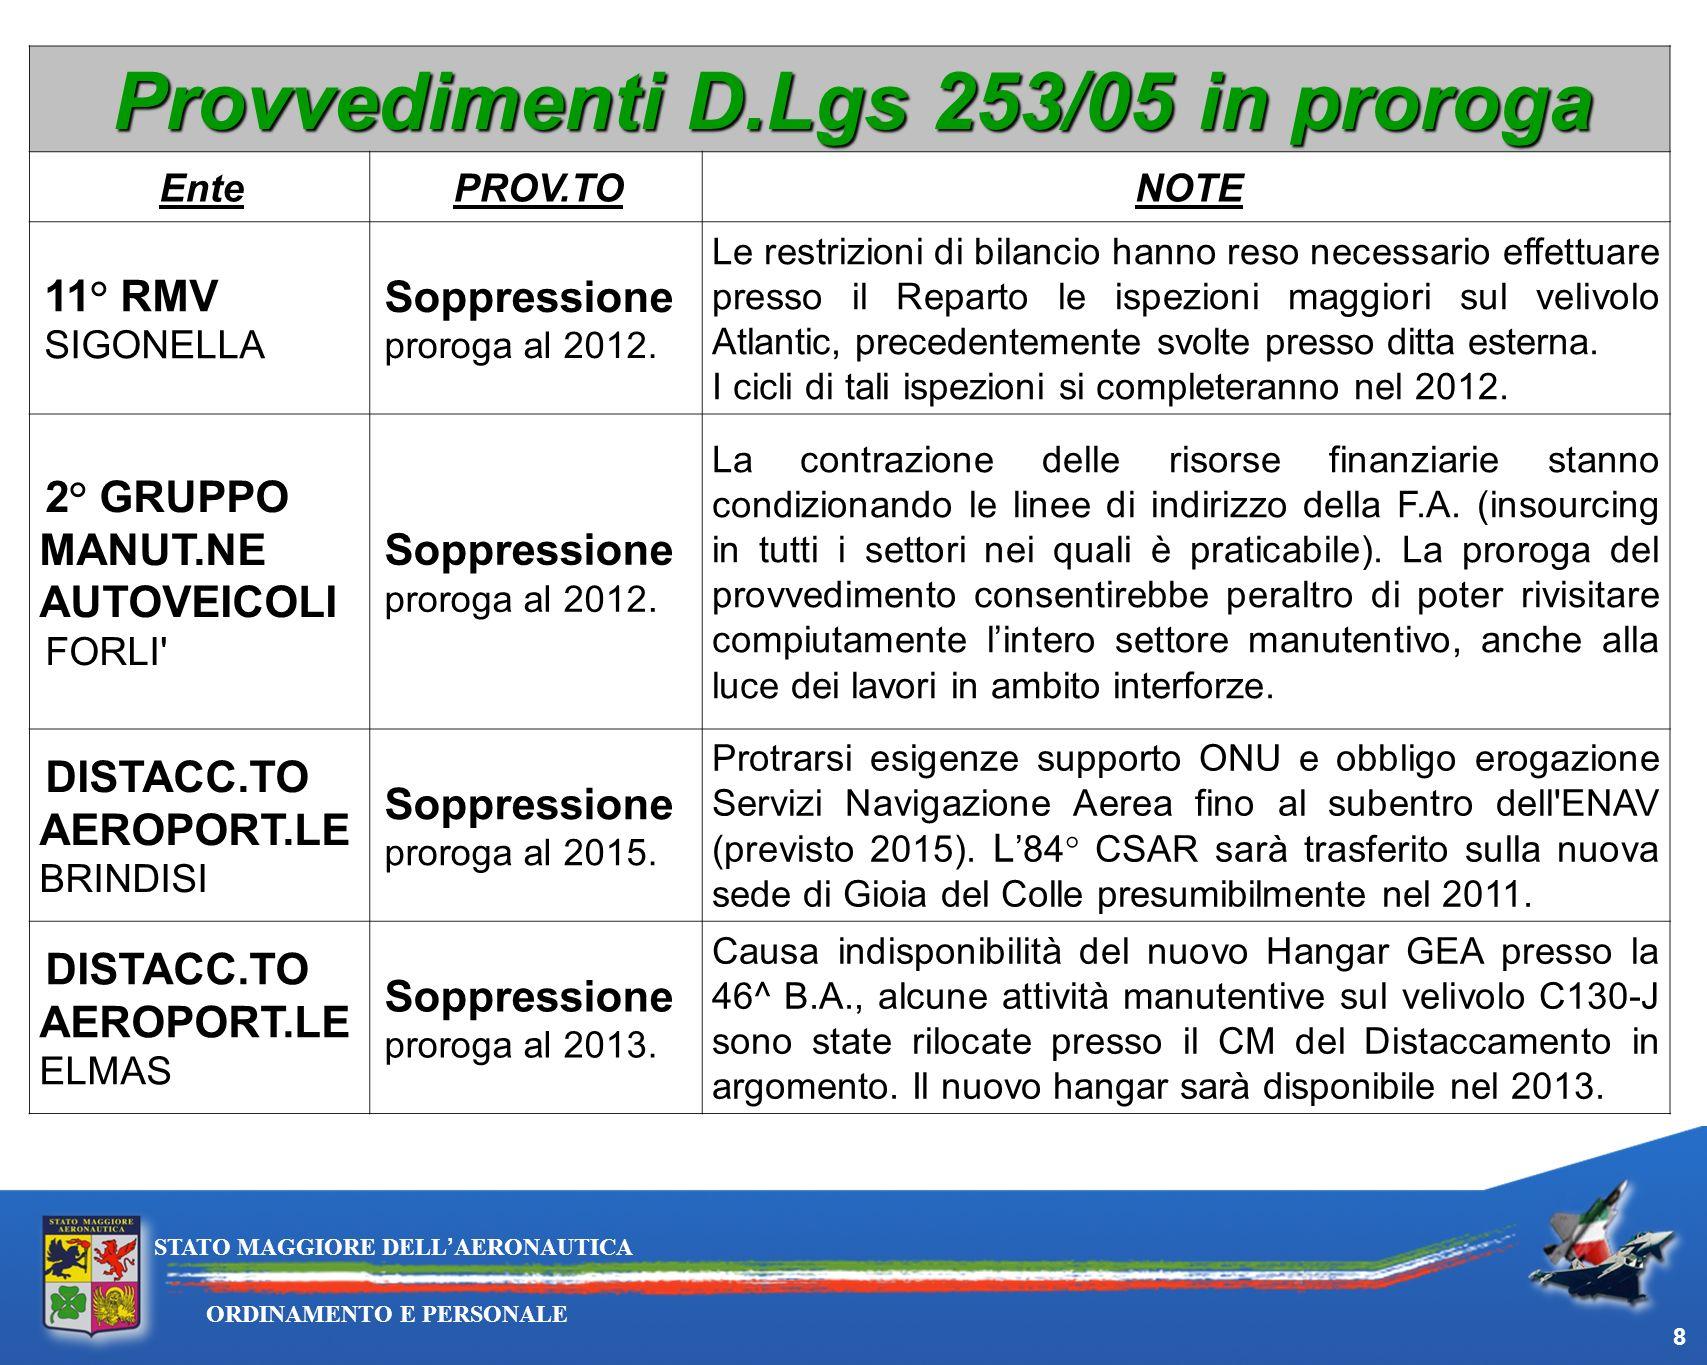 Provvedimenti D.Lgs 253/05 in proroga